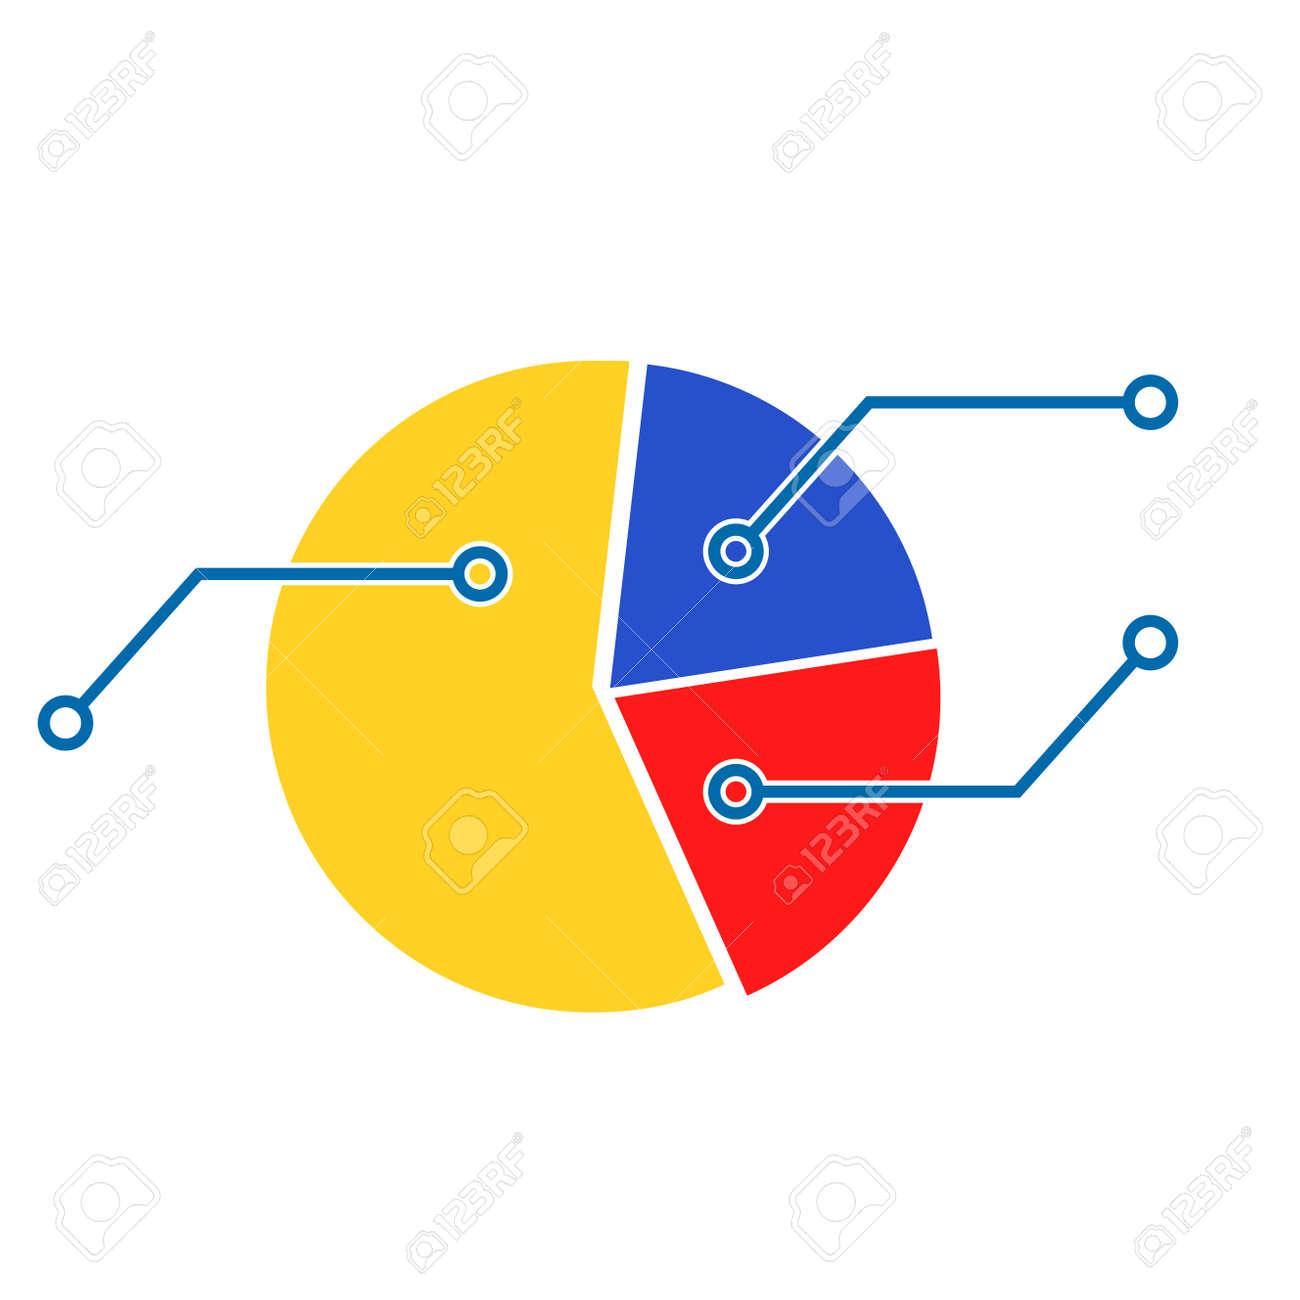 Plantilla De Gráfico Circular. Información Económica Financiera ...